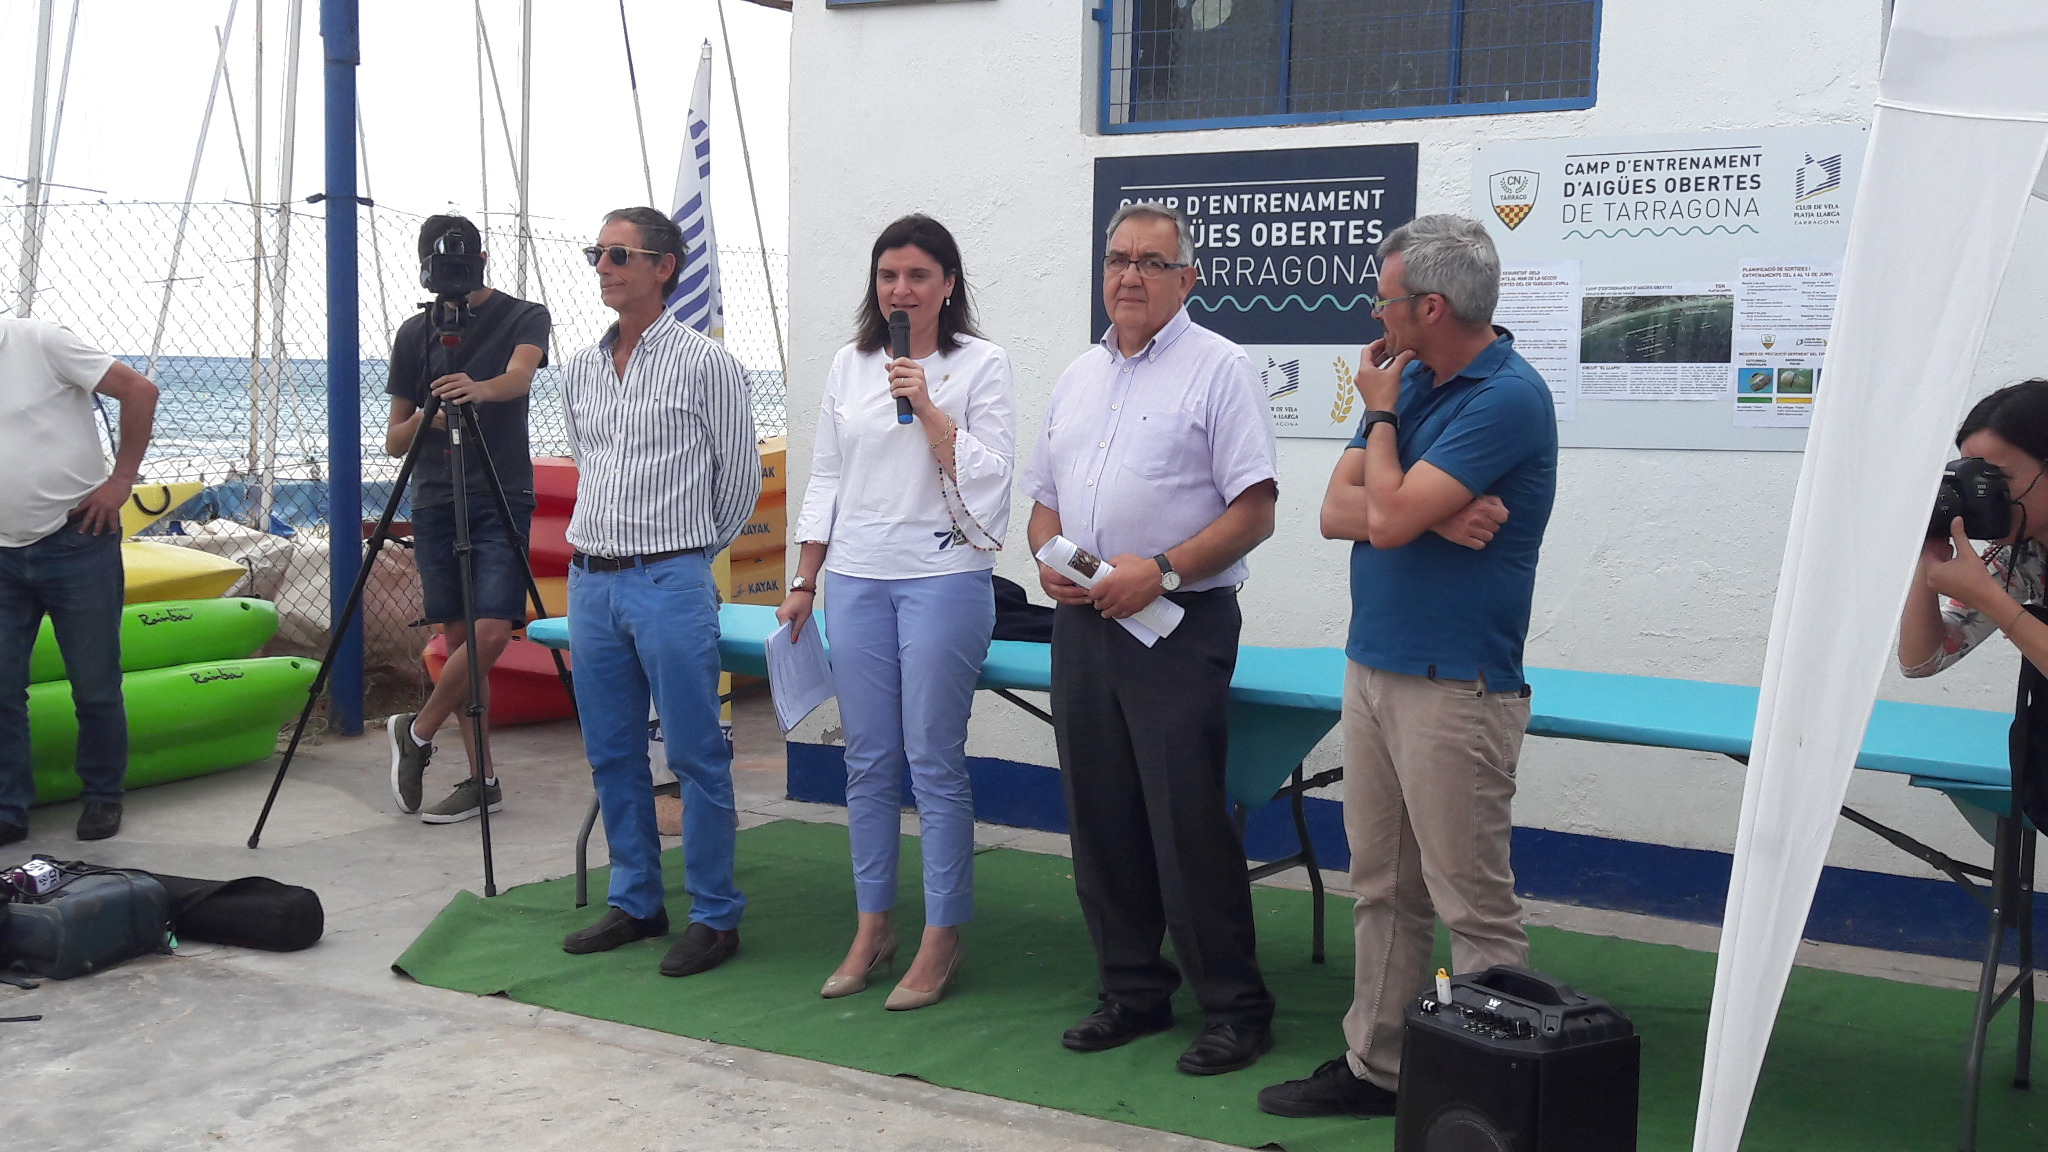 Club de Vela, Consellera d'Esports, Diputat de la Diputació de Tarragona i Vice President CN Tàrraco